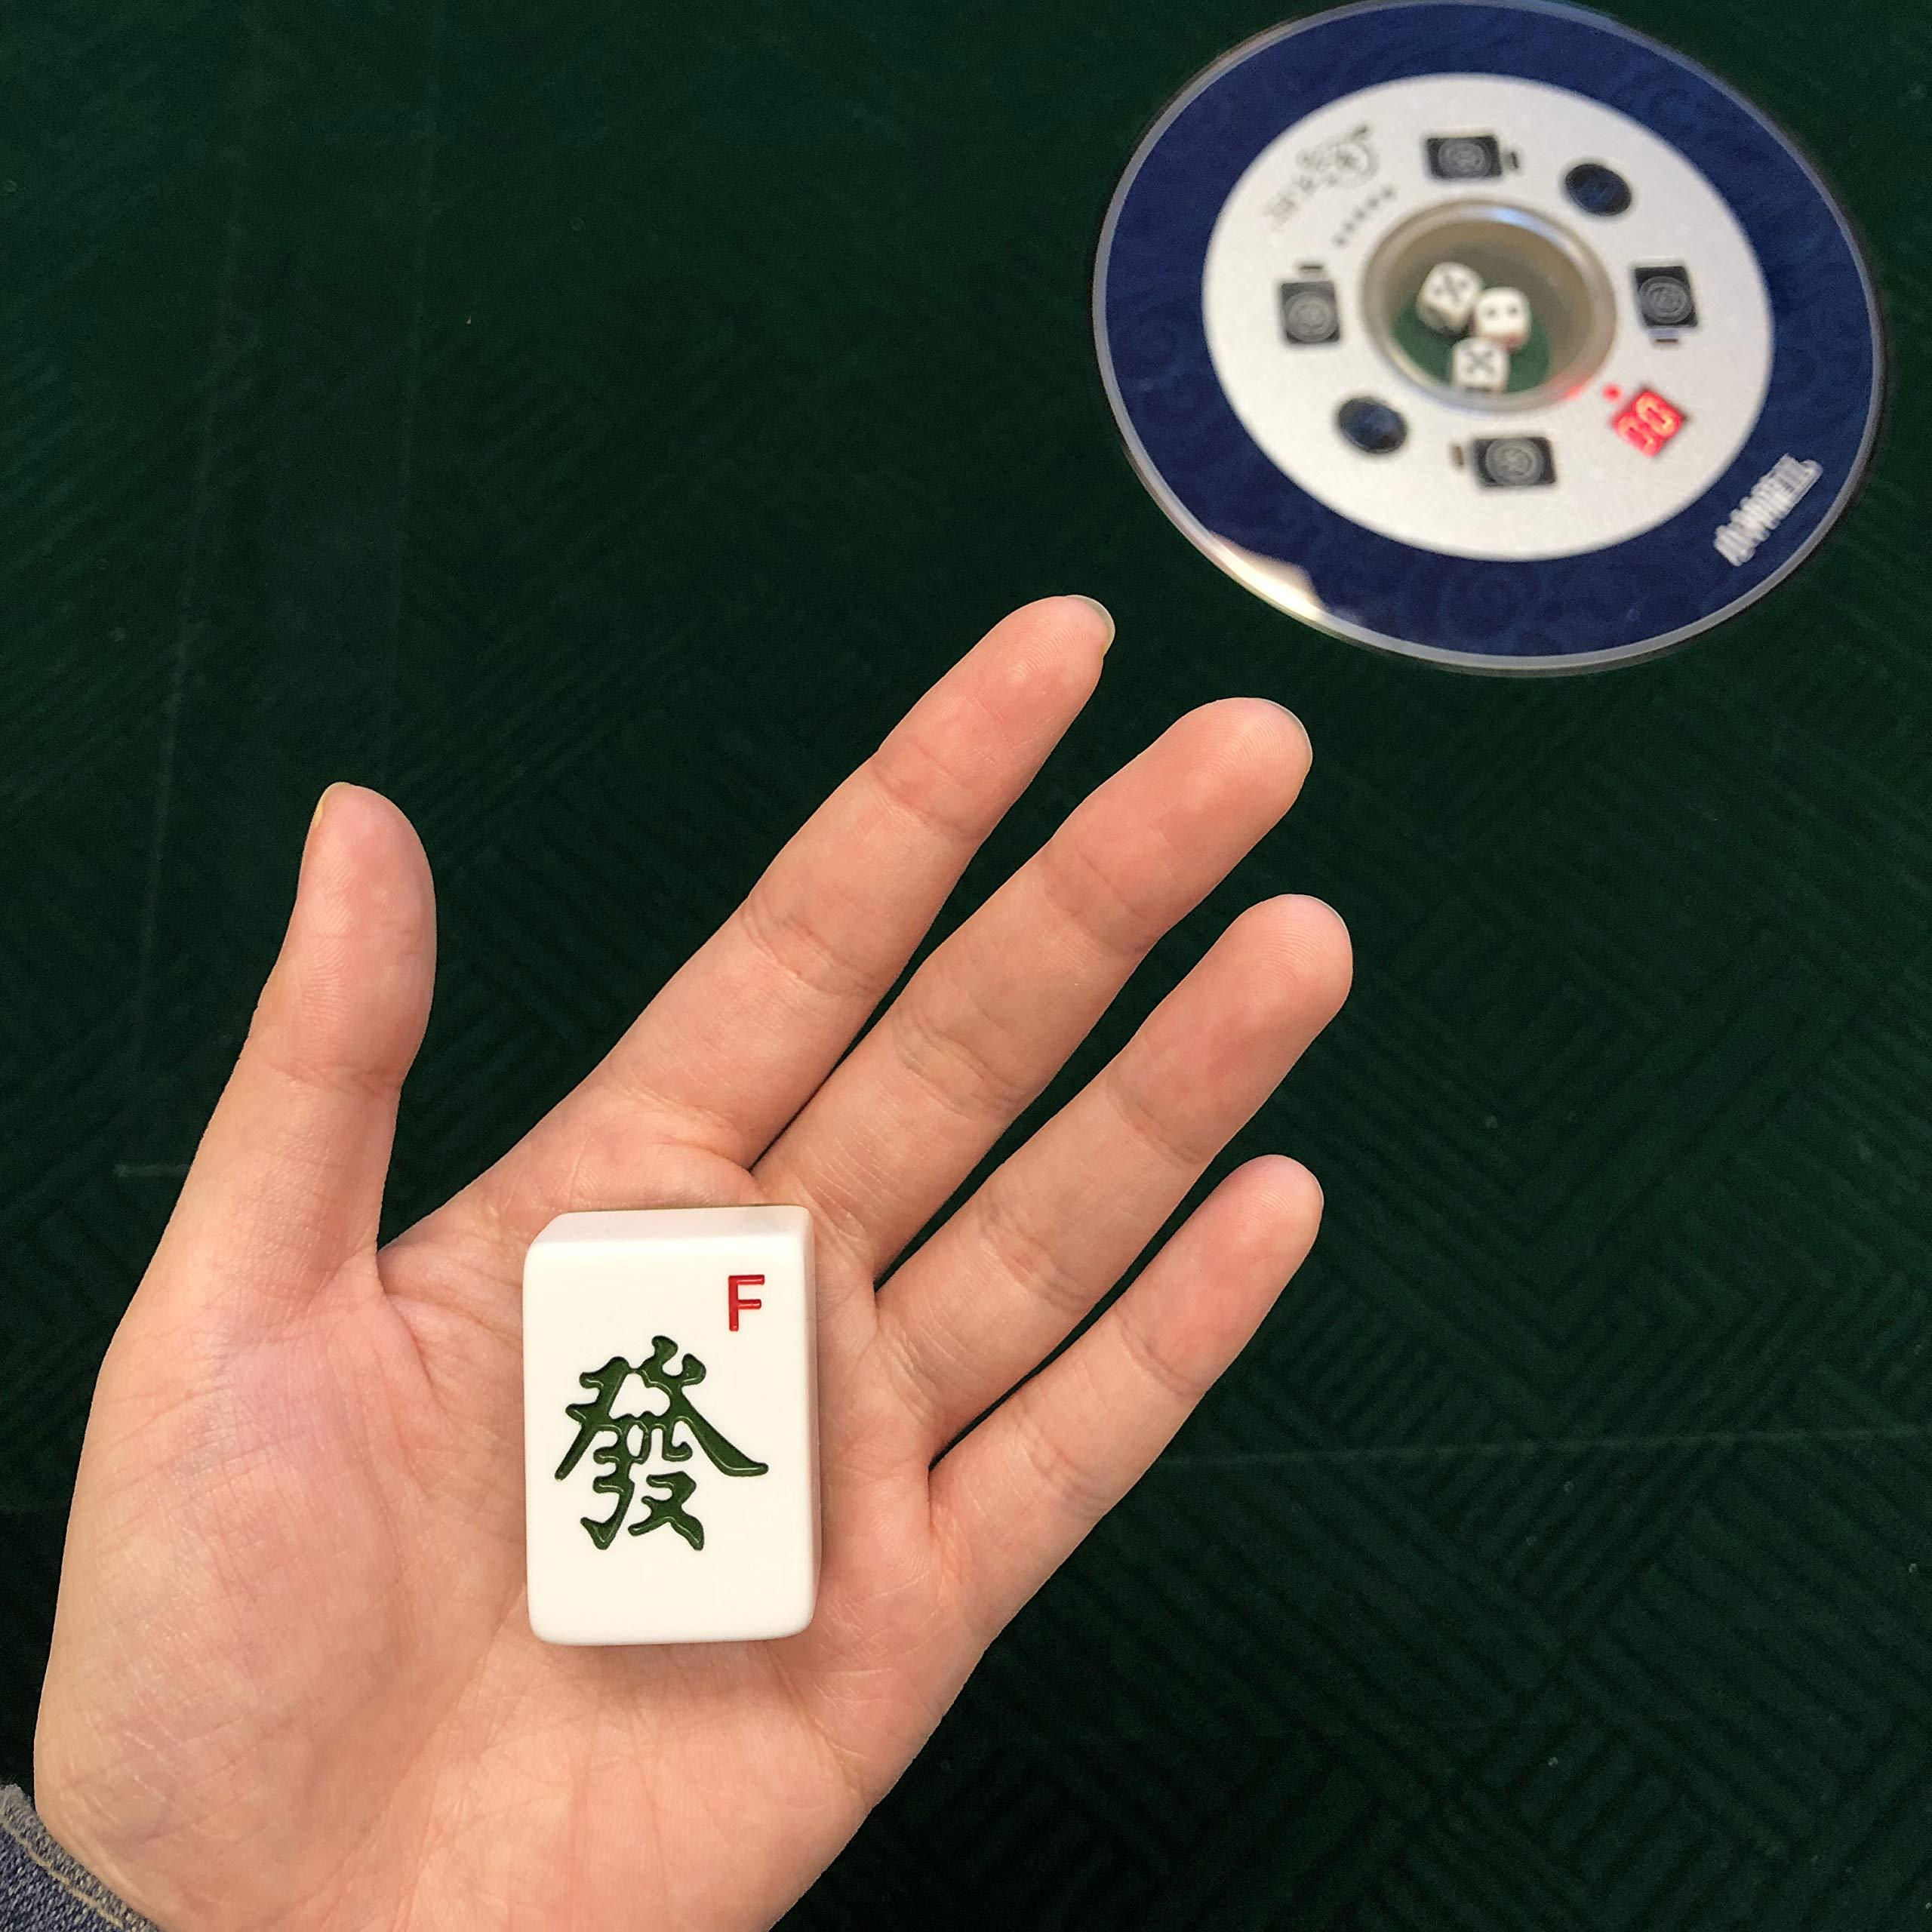 东方不败麻将桌 Automatic Mahjong Table with 4 Drawers + Free Hello Kitty Travel Mahjong - Chinese Style, Philippine Style, Comes 2 Sets of Tiles (Blue & Green) 36mm Tiles 小尺寸麻将牌 & 1 Table Cover